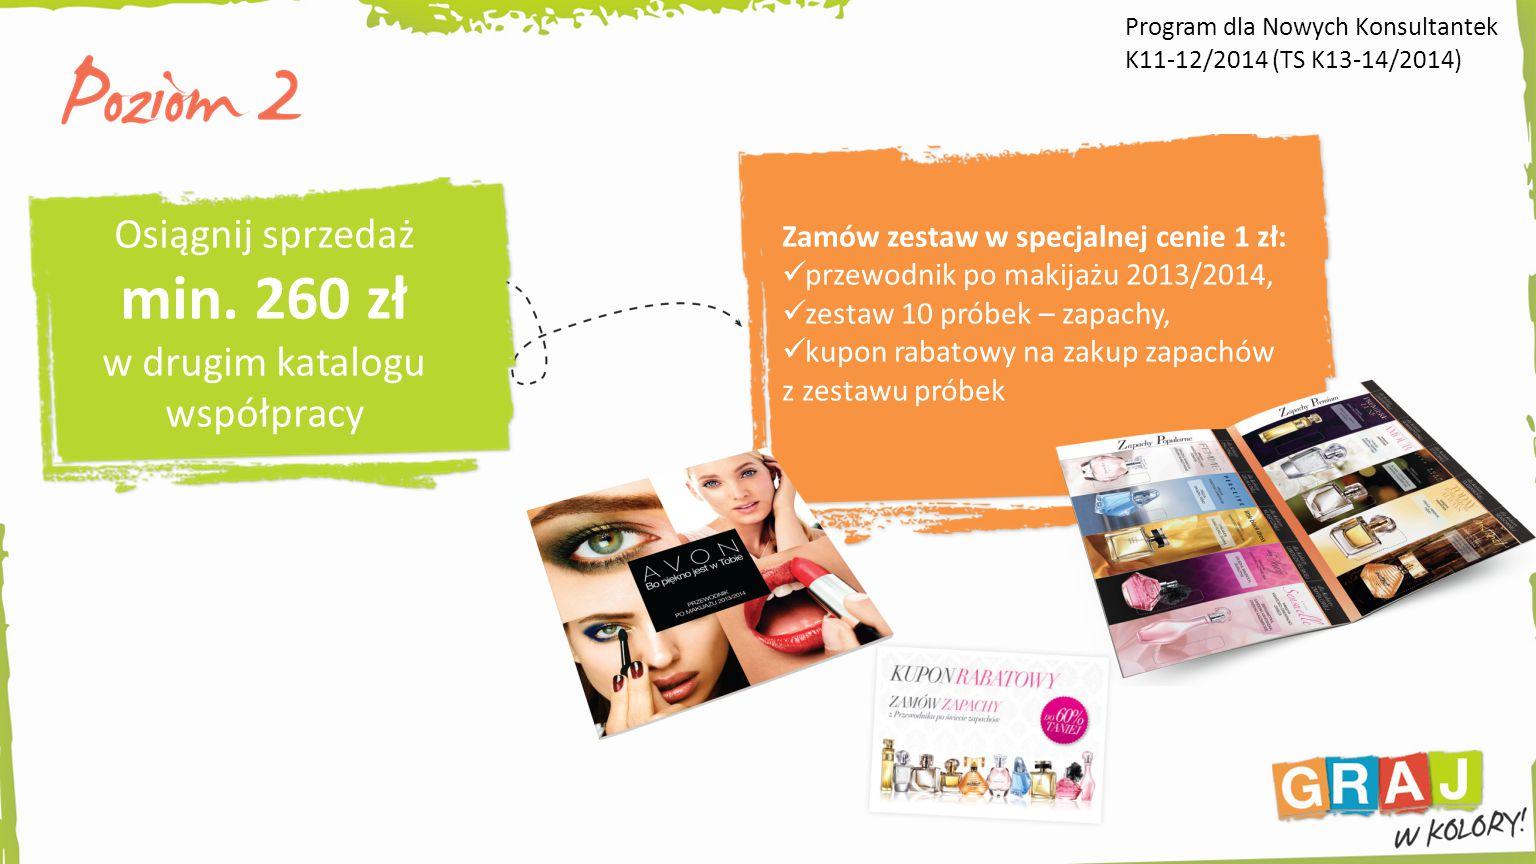 Zamów zestaw w specjalnej cenie 1 zł: przewodnik po makijażu 2013/2014, zestaw 10 próbek – zapachy, kupon rabatowy na zakup zapachów z zestawu próbek